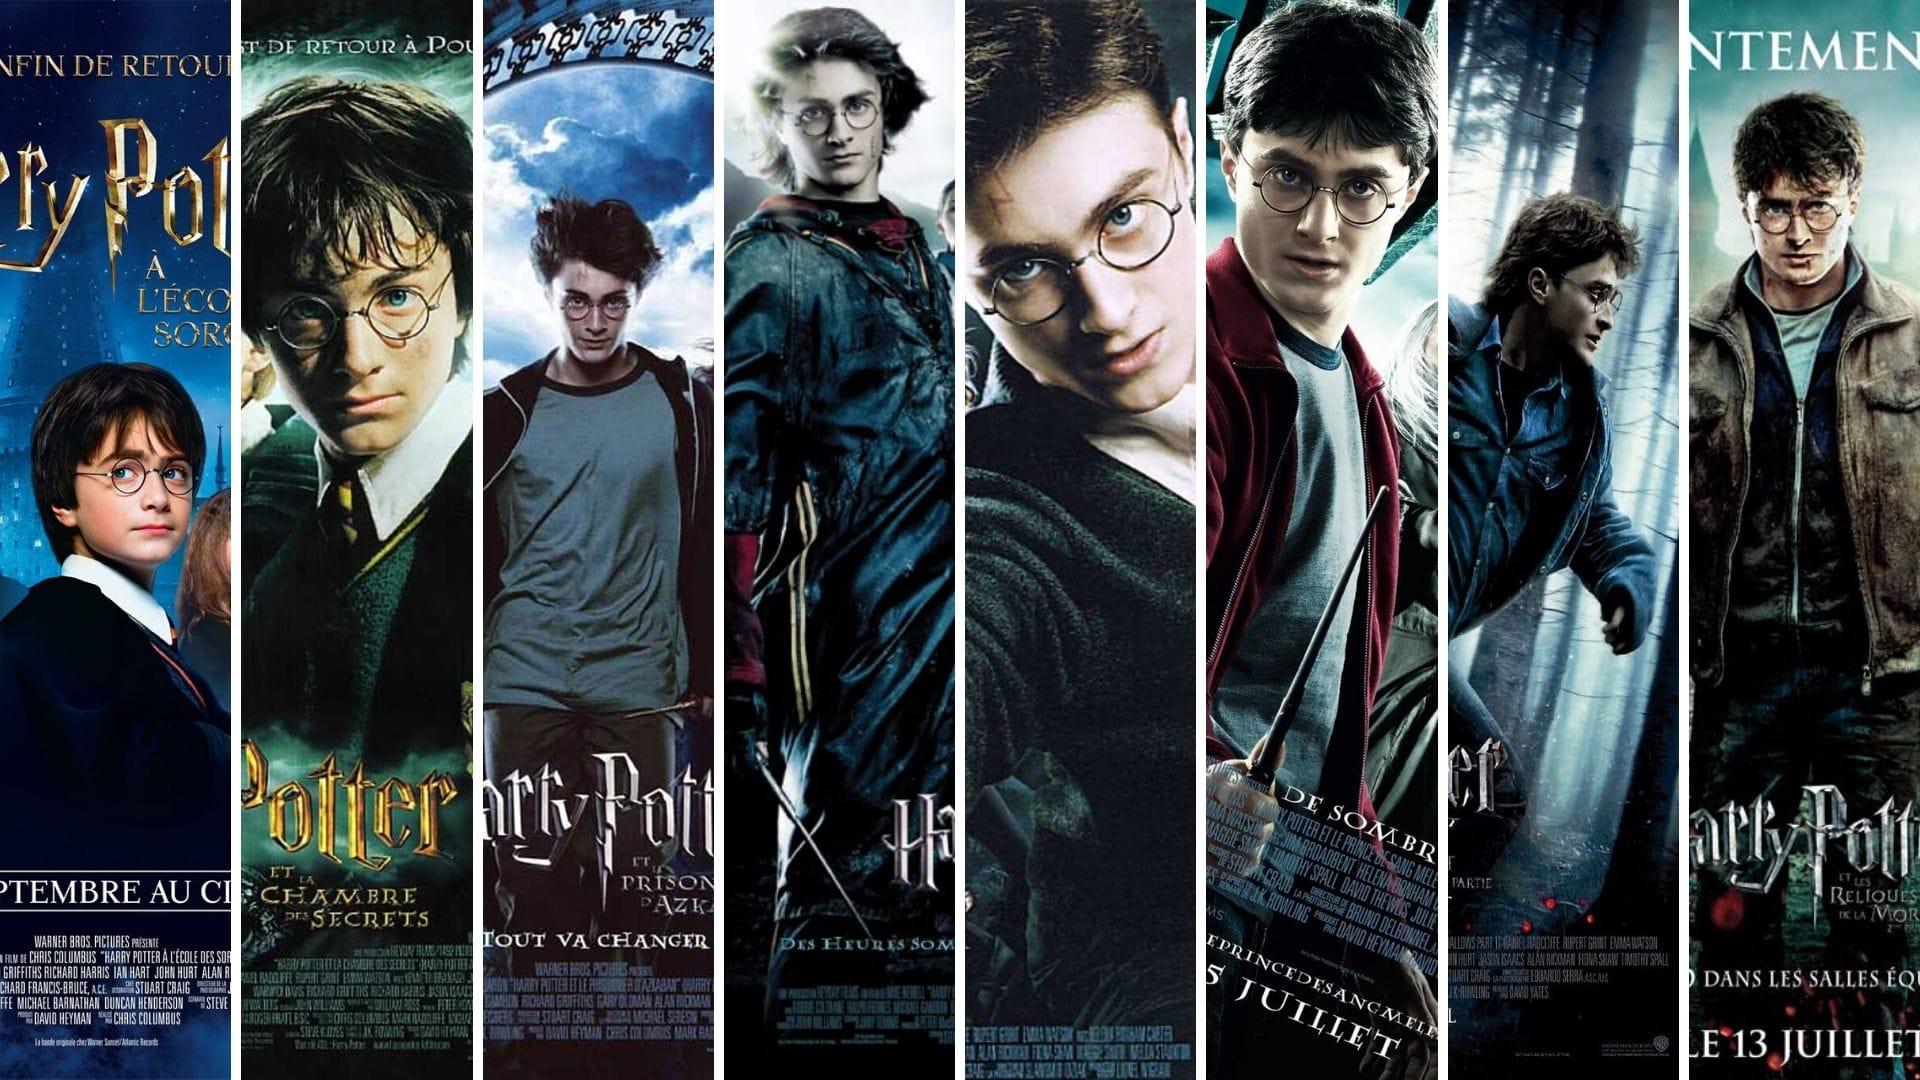 Harry Potter 1 à 8 affiches films cinéma